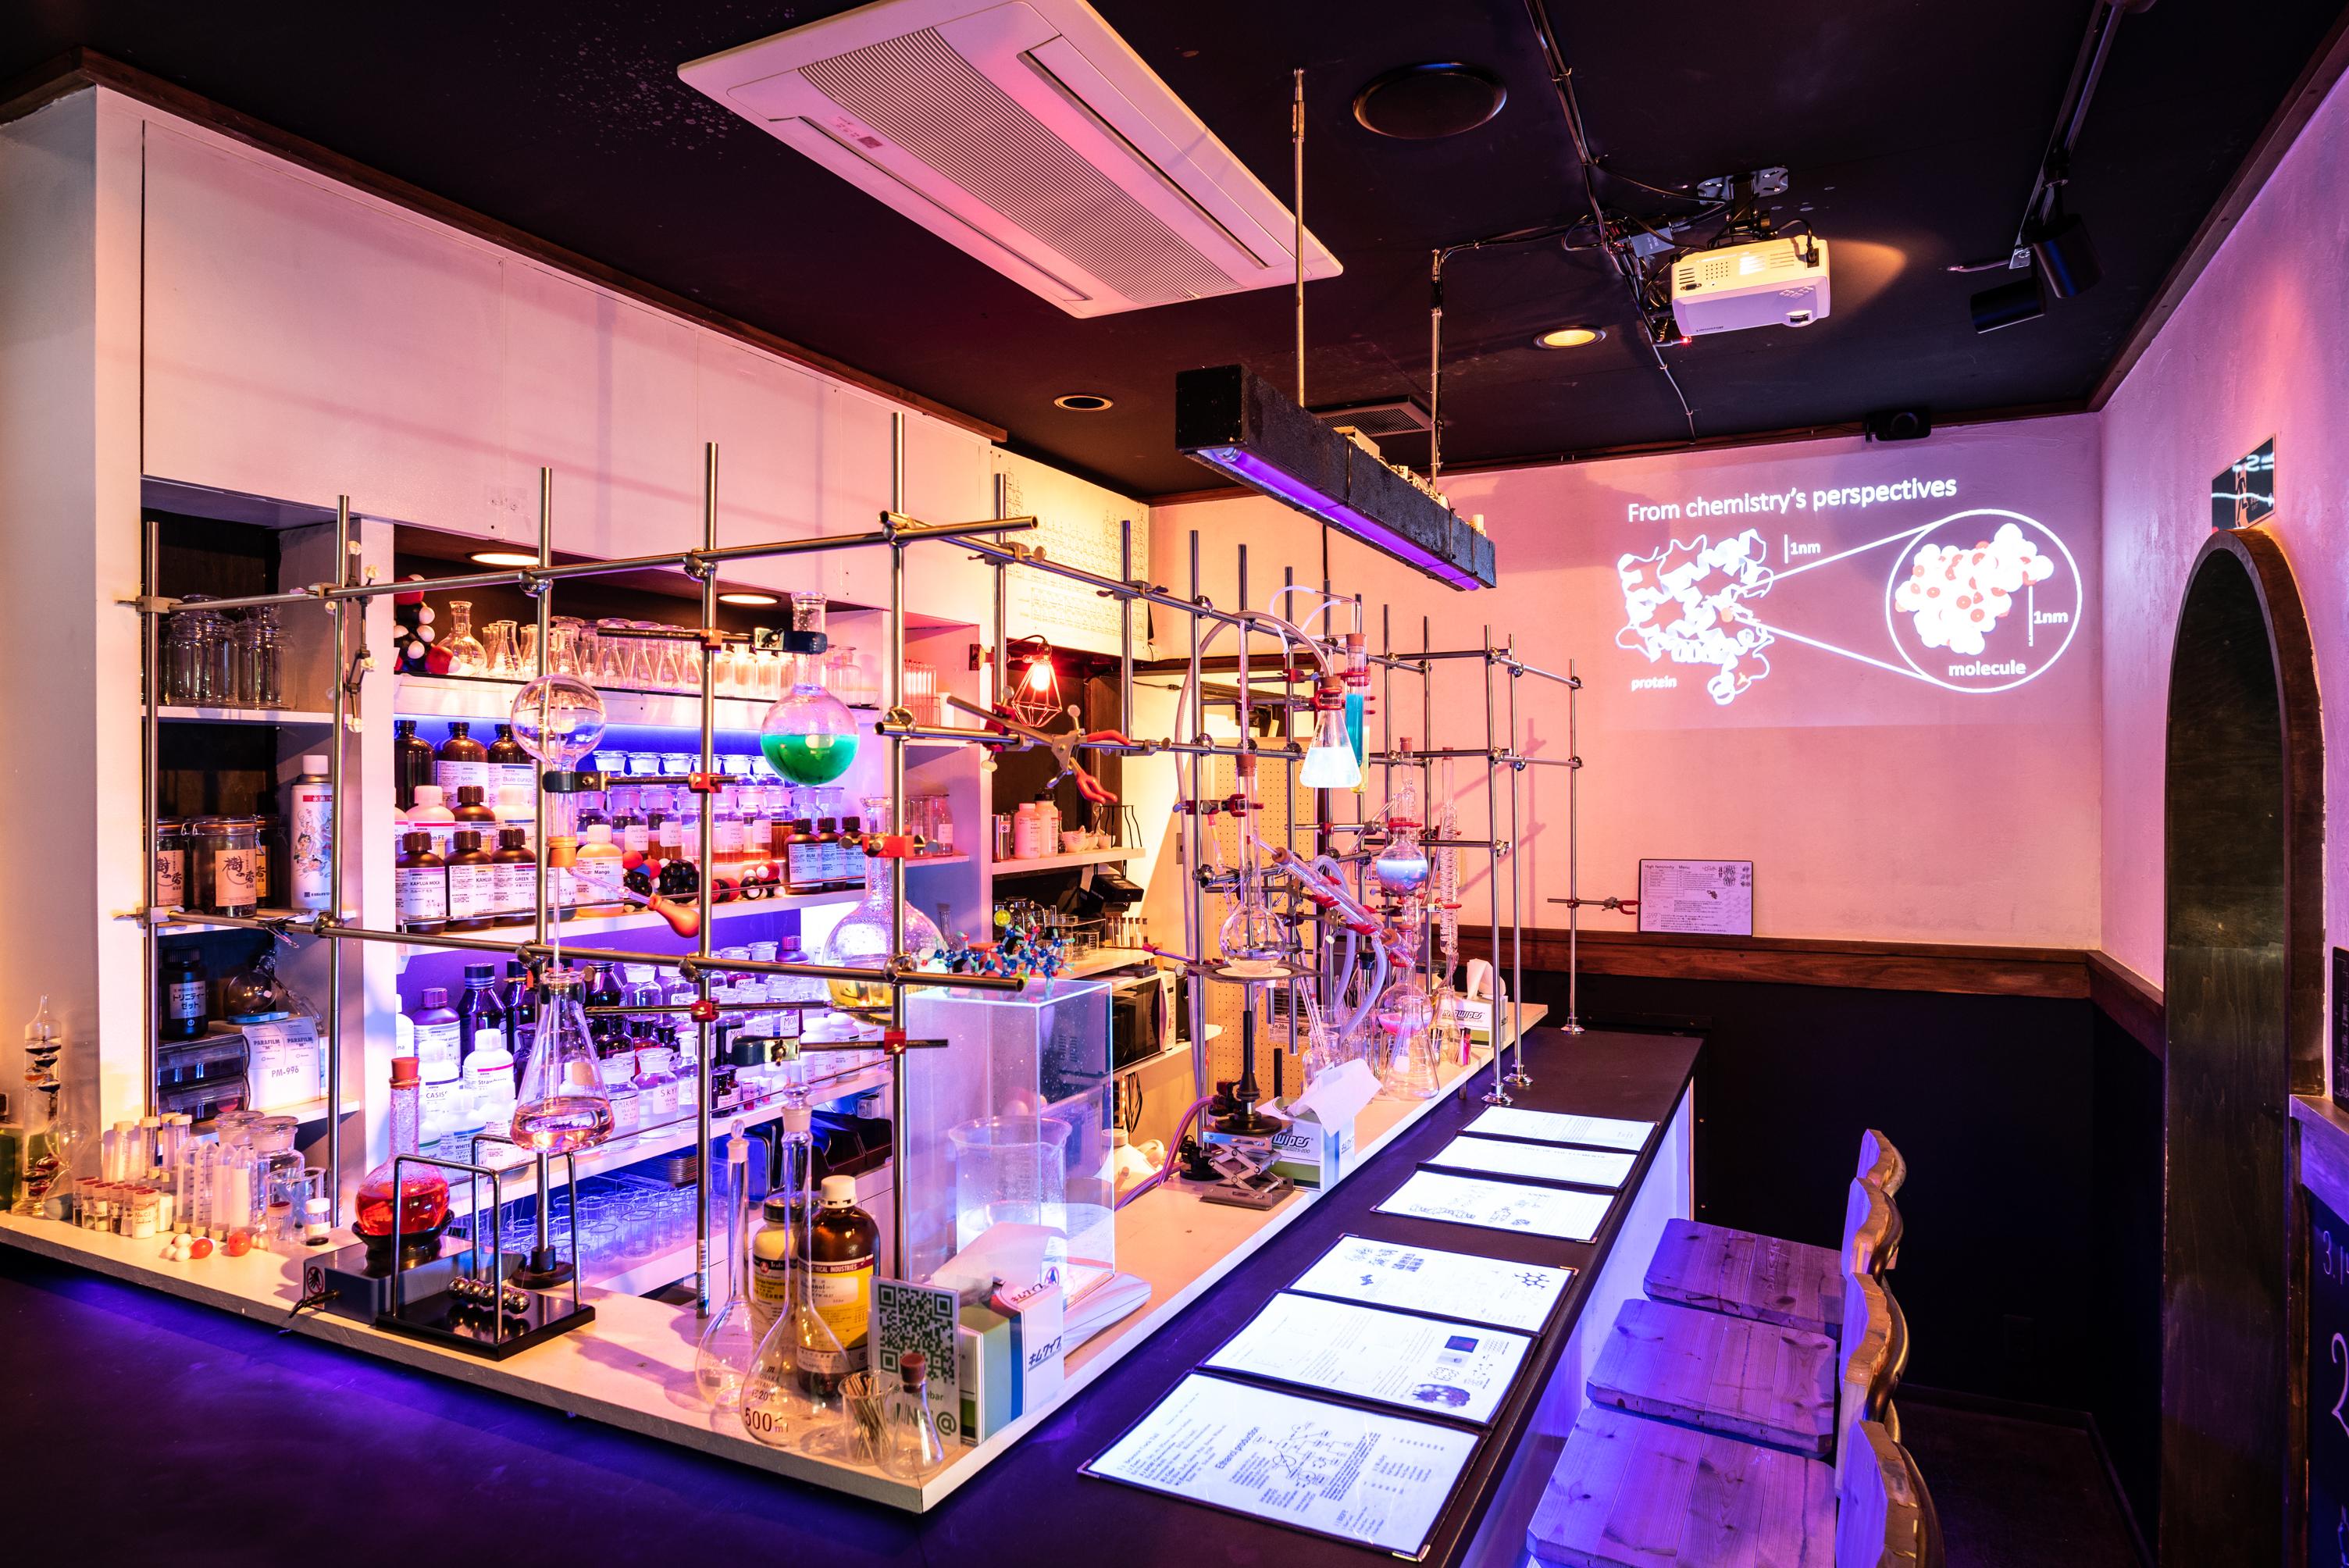 サイエンスバー Science bar